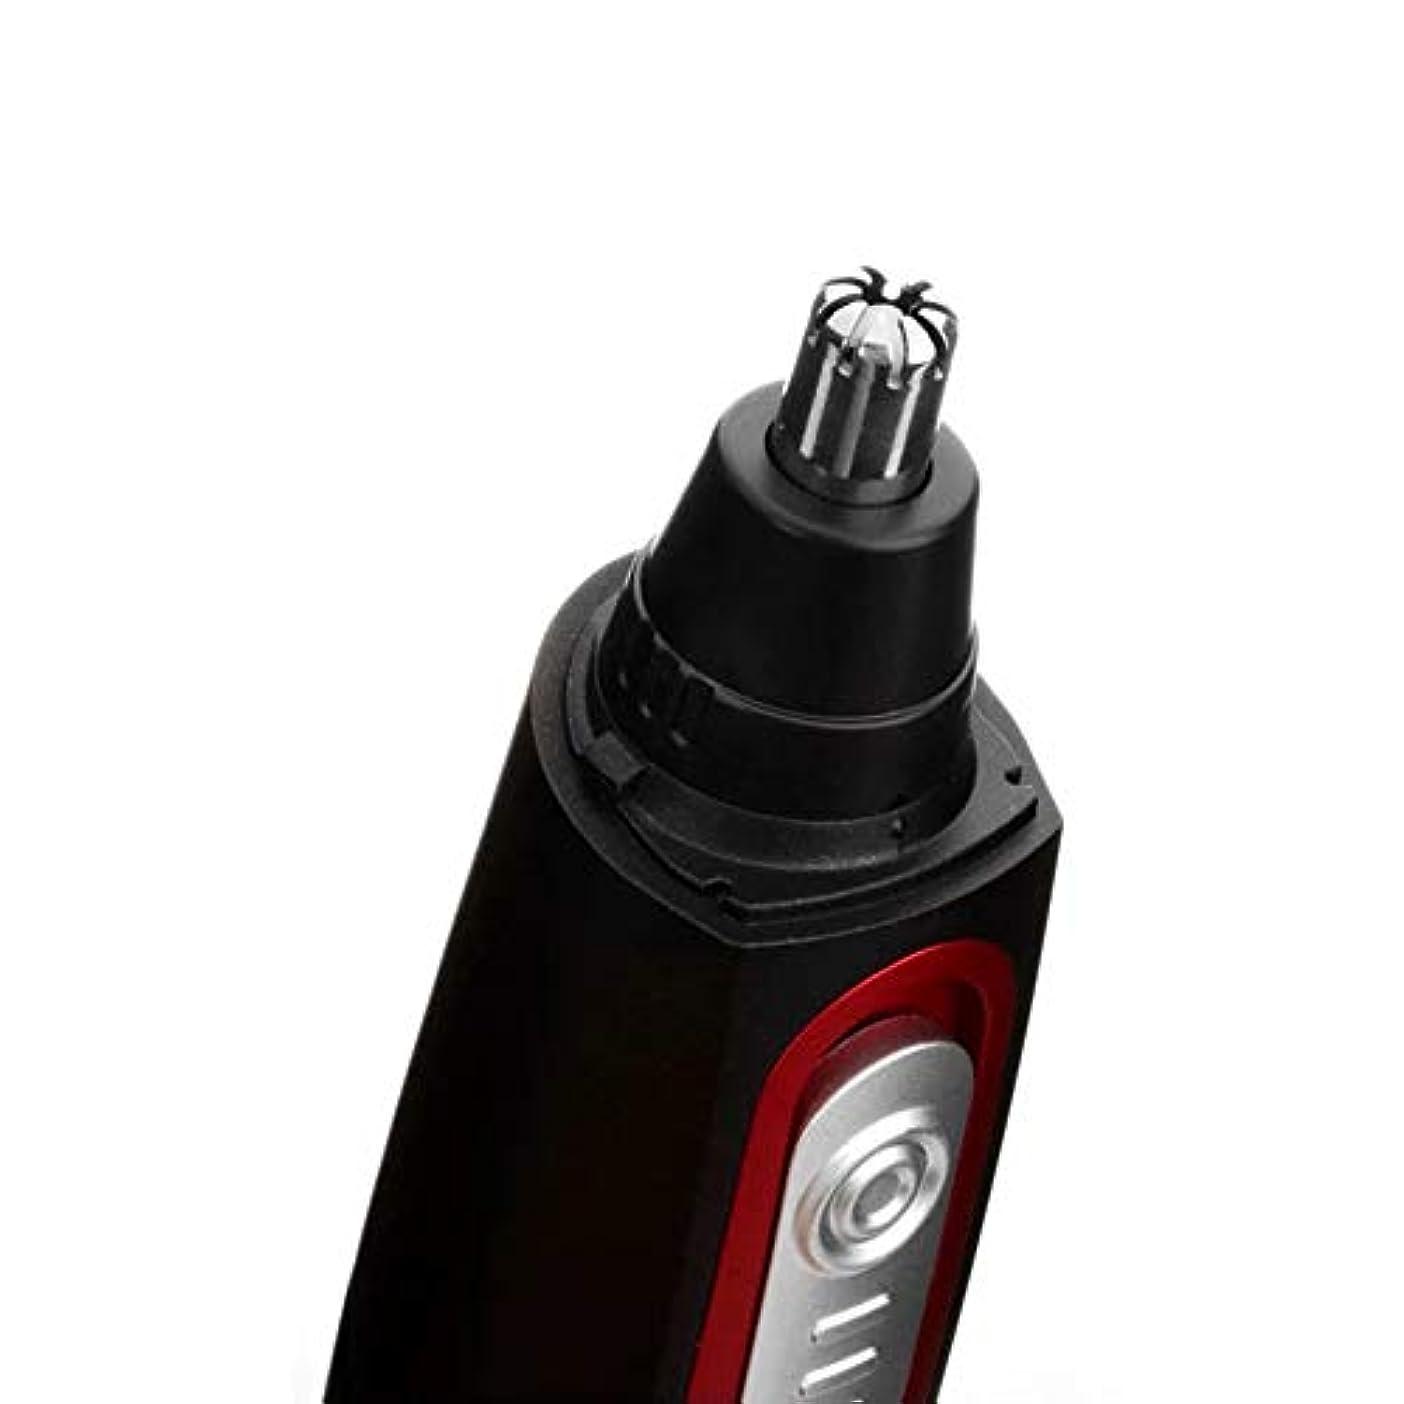 恐怖アセンブリさらにノーズヘアトリマー/メンズシェービングノーズヘアスクレーピングノーズヘアハサミ/ 360°効果的なキャプチャー/三次元ロータリーカッターヘッドデザイン/ 14cm お手入れが簡単